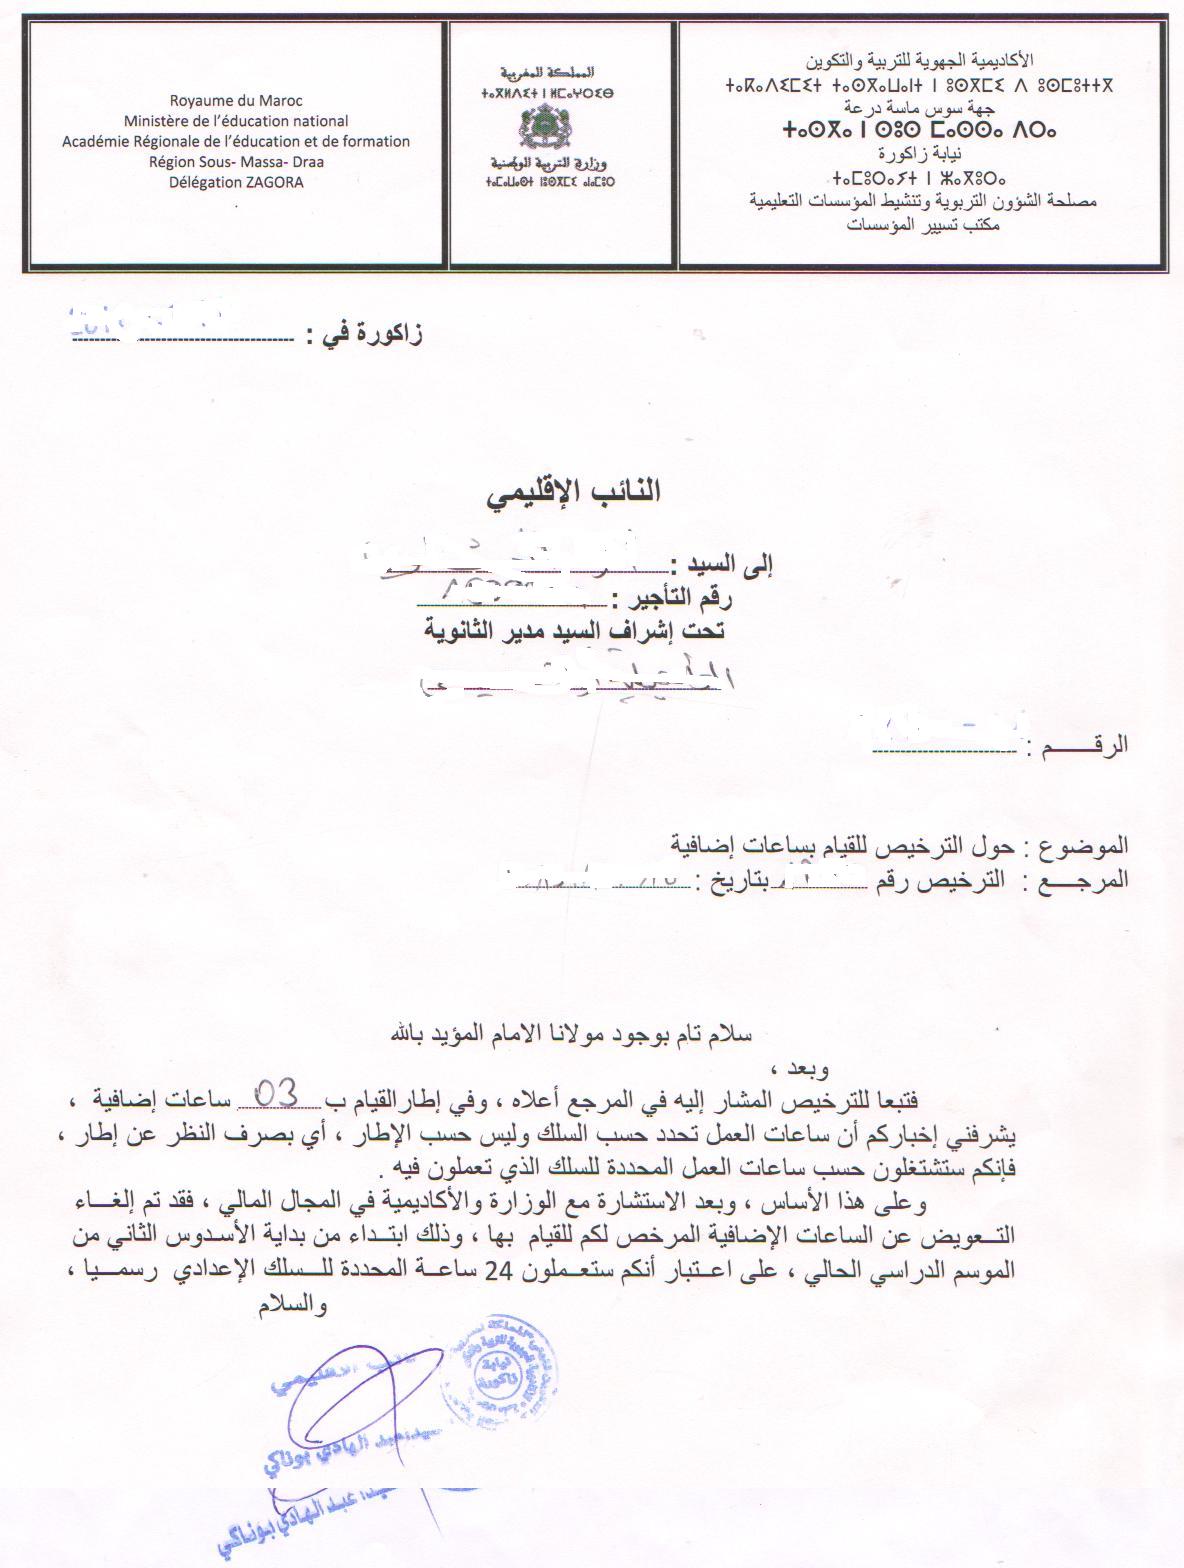 النيابة الإقليمية بزاكورة ترفض تعويض الأساتذة عن الساعات الإضافية